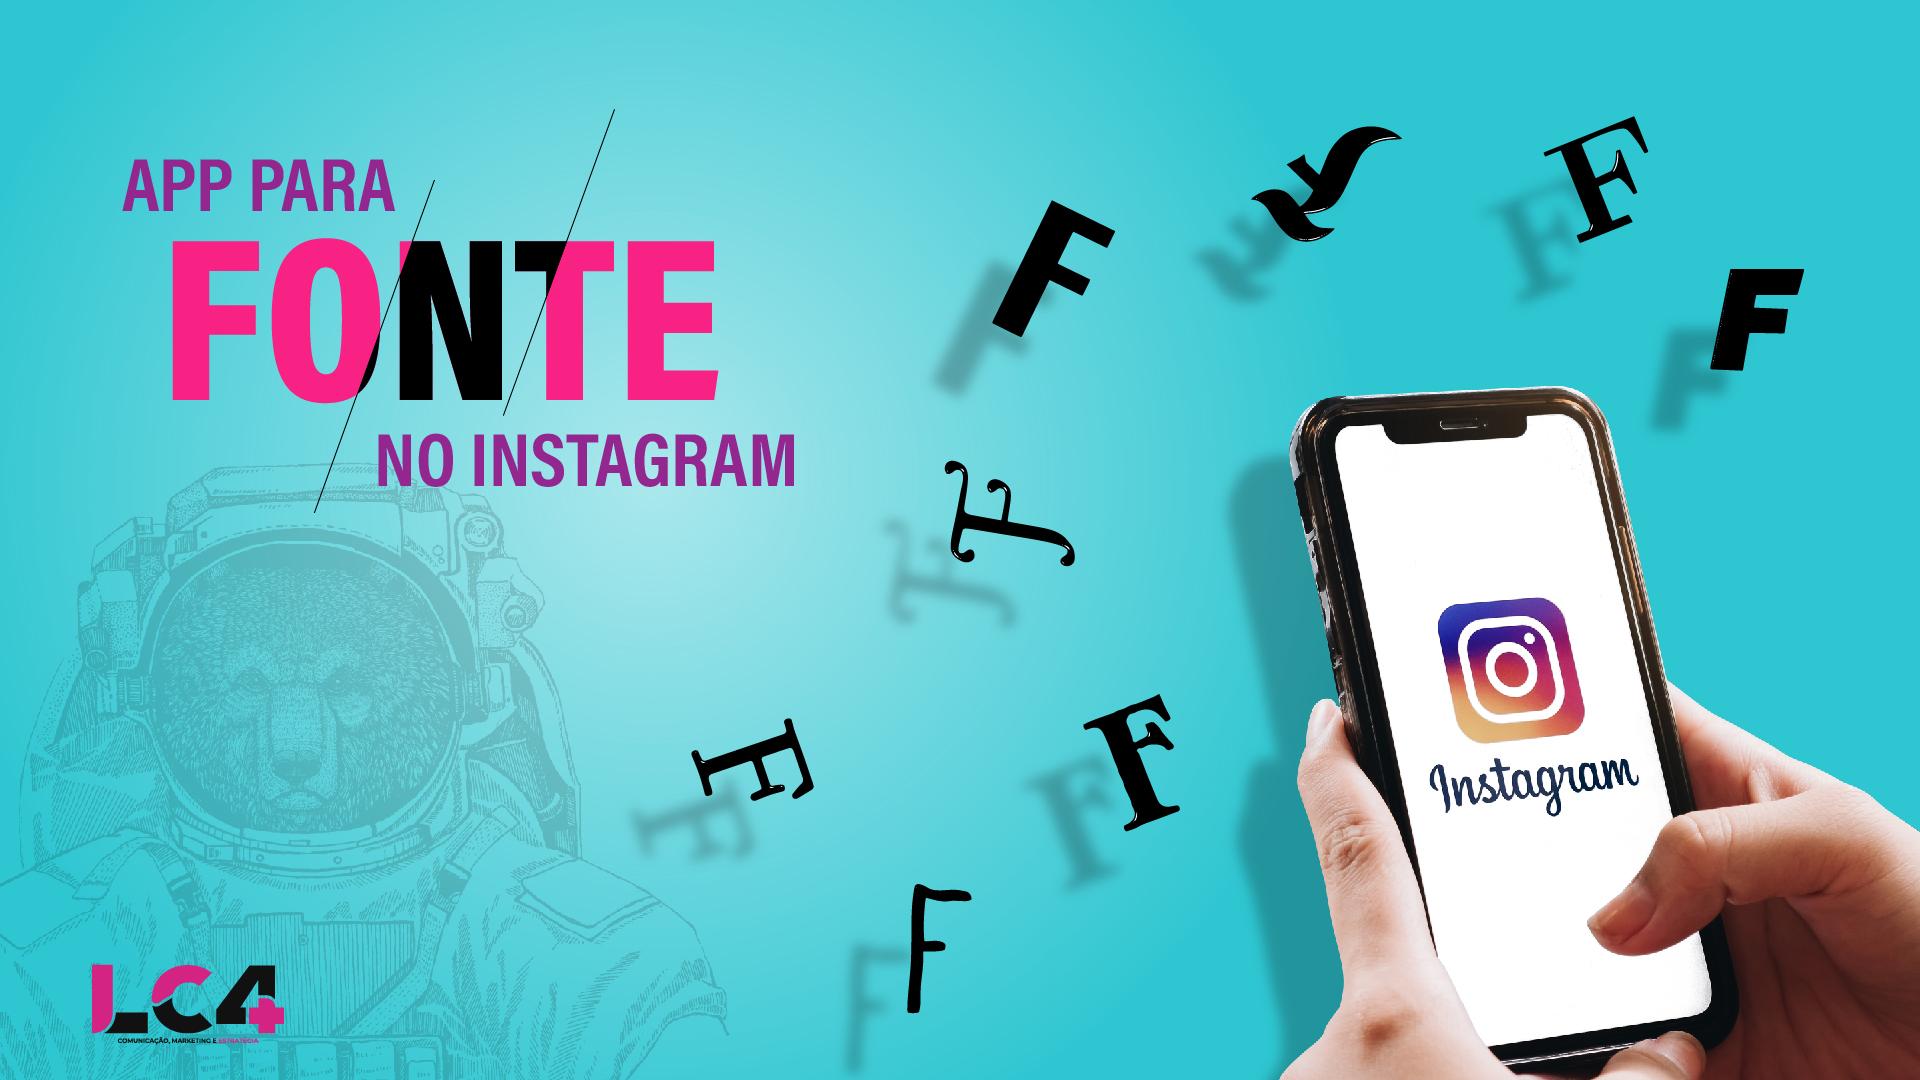 App para fonte no Instagram: você conhece?